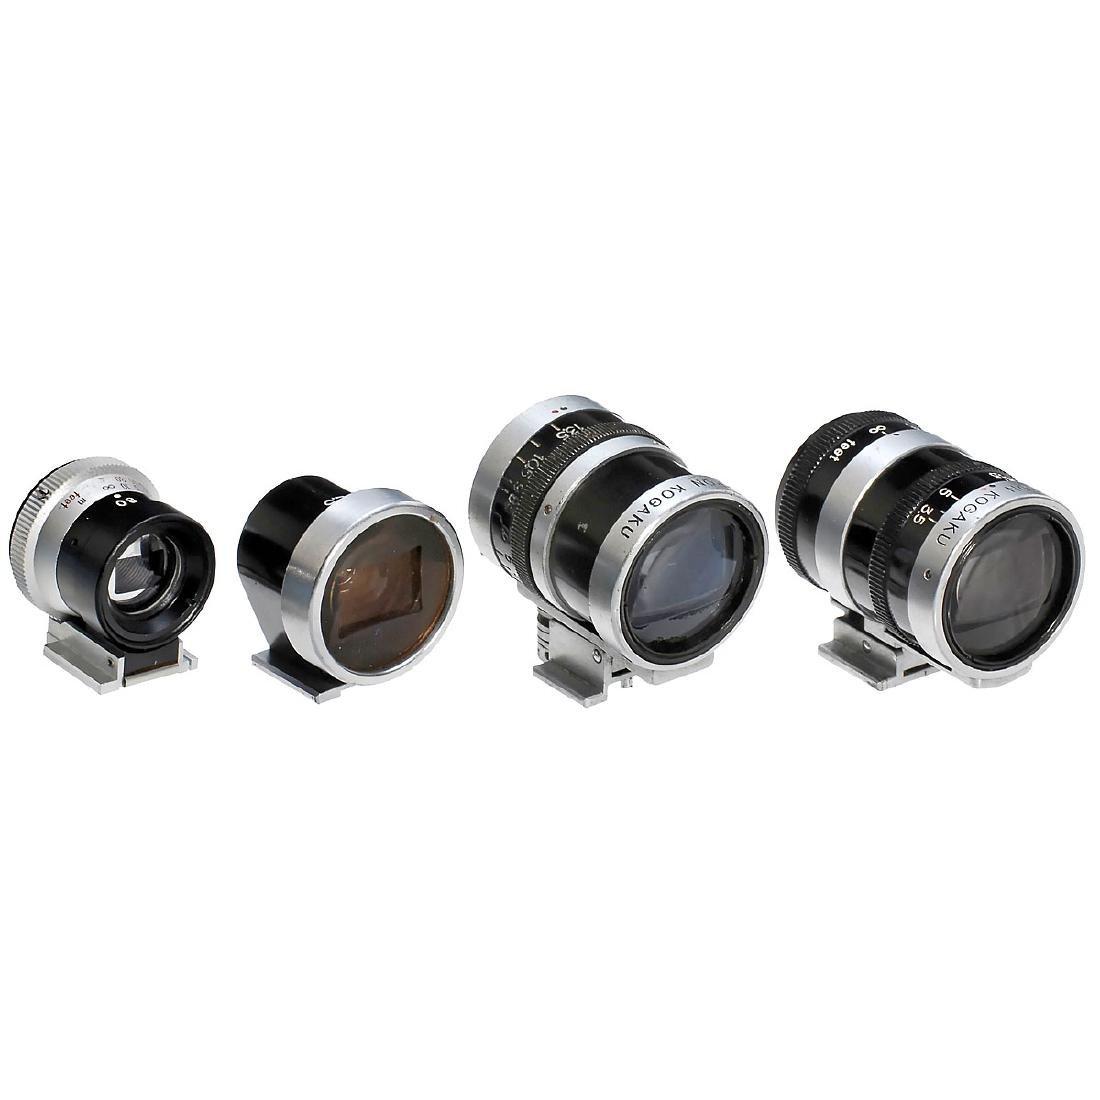 4 Nikon Viewfinders